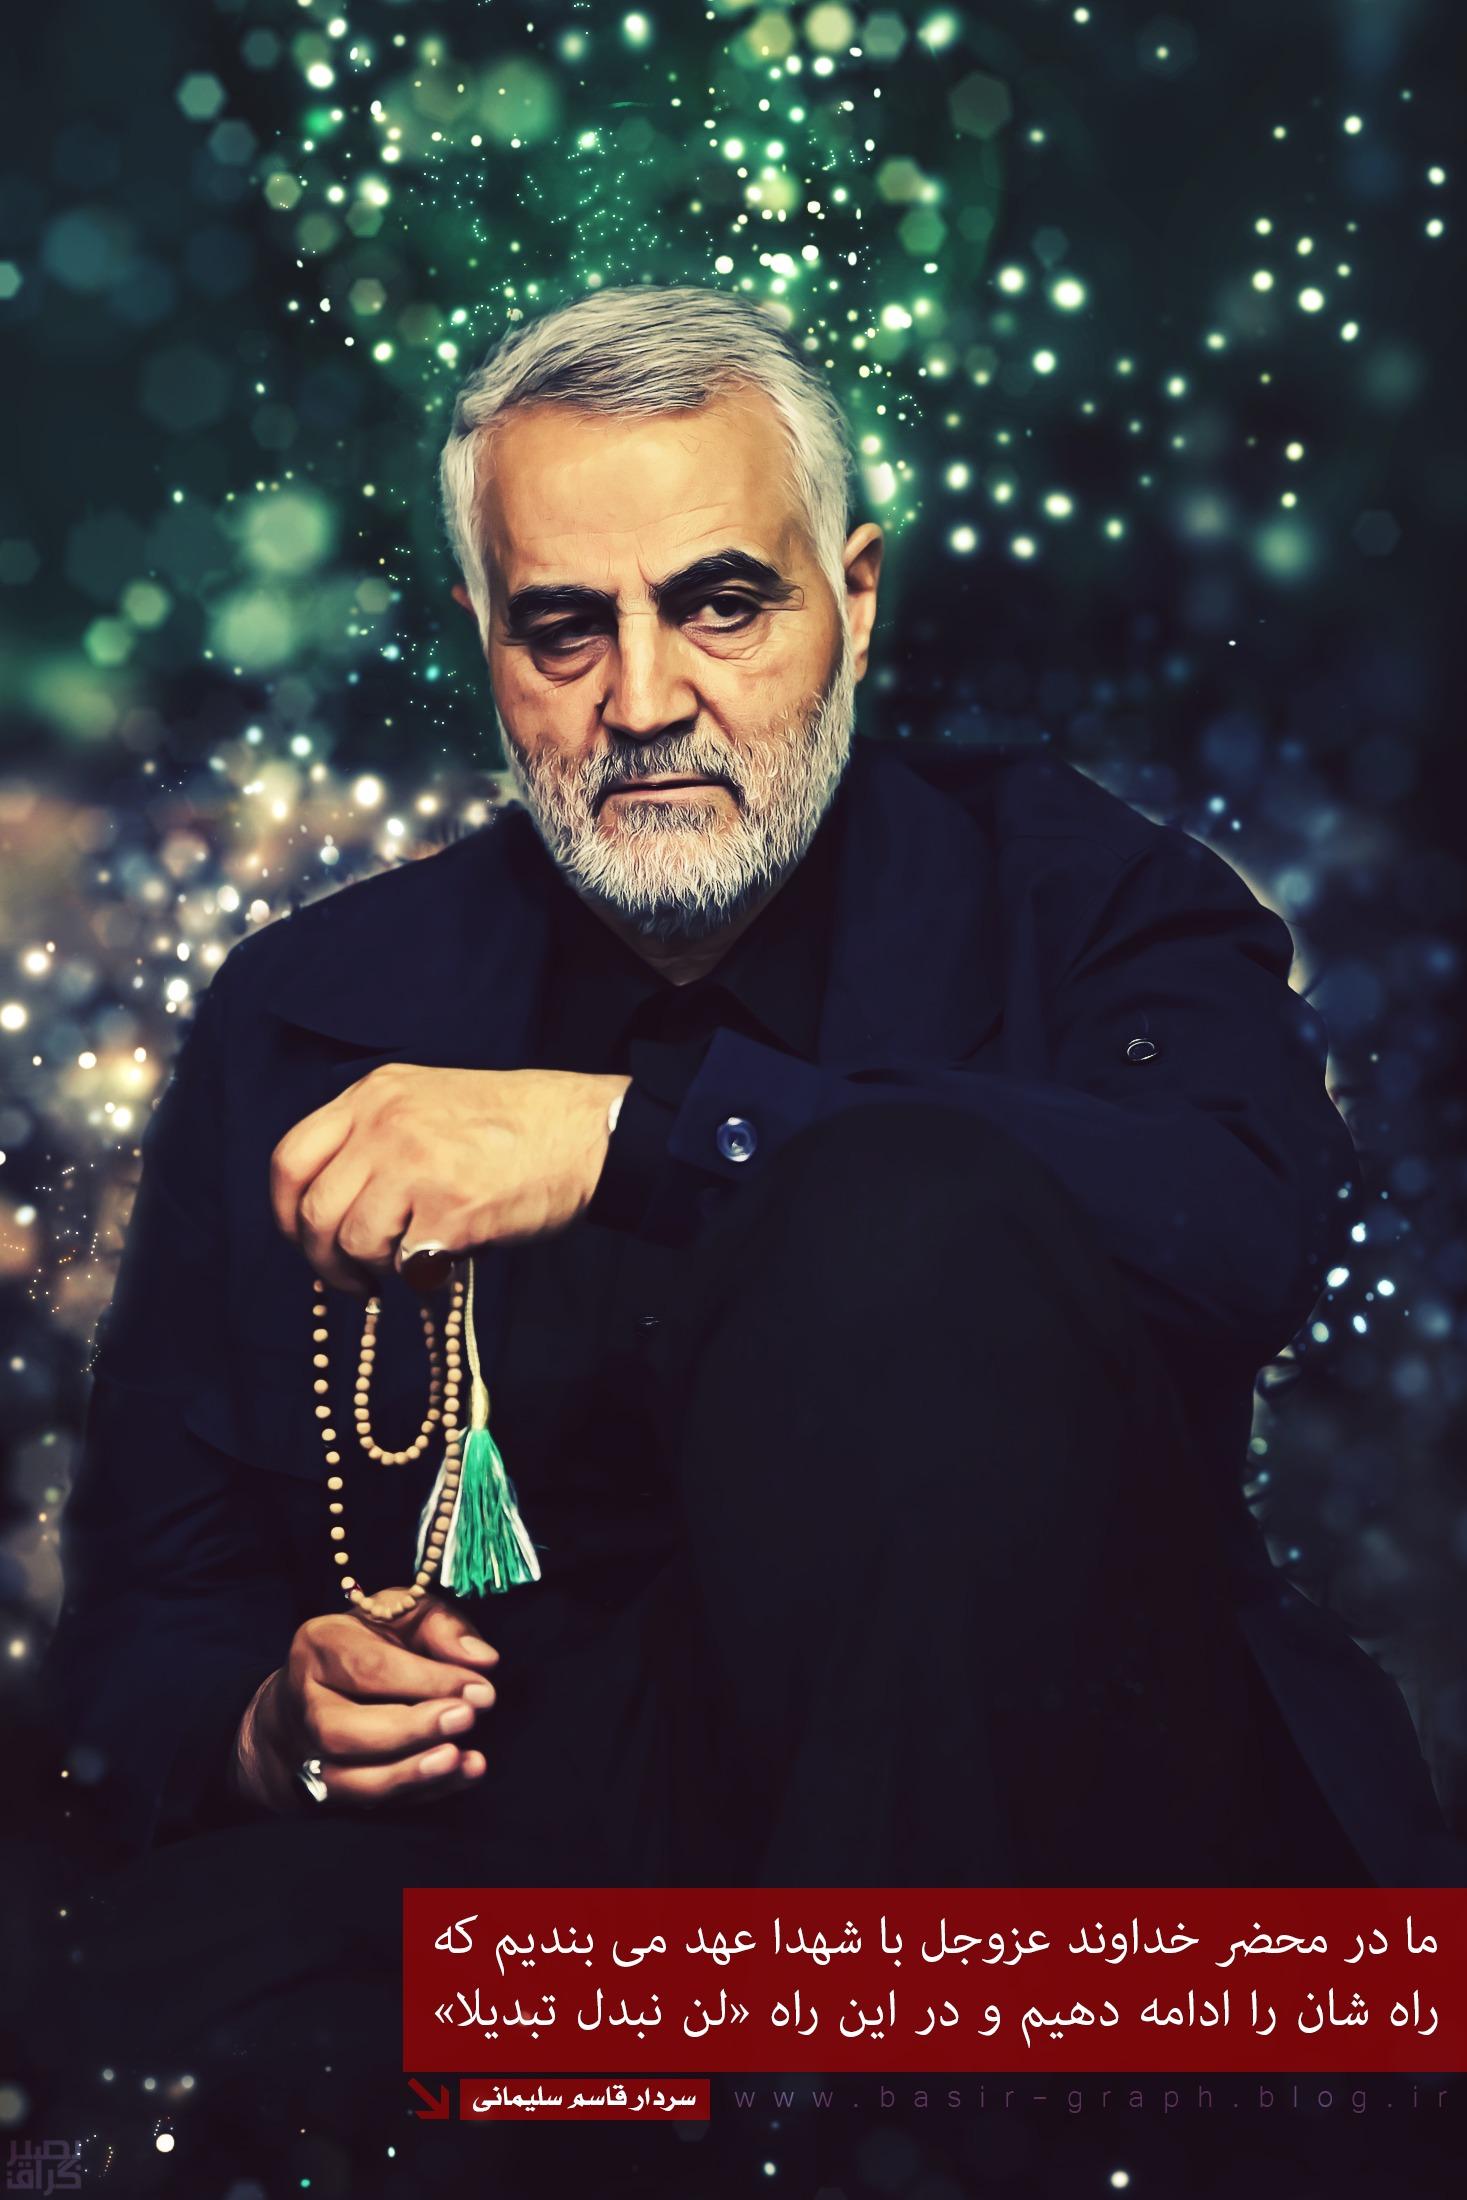 عکس با کیفیت سردار سلیمانی برای پروفایل